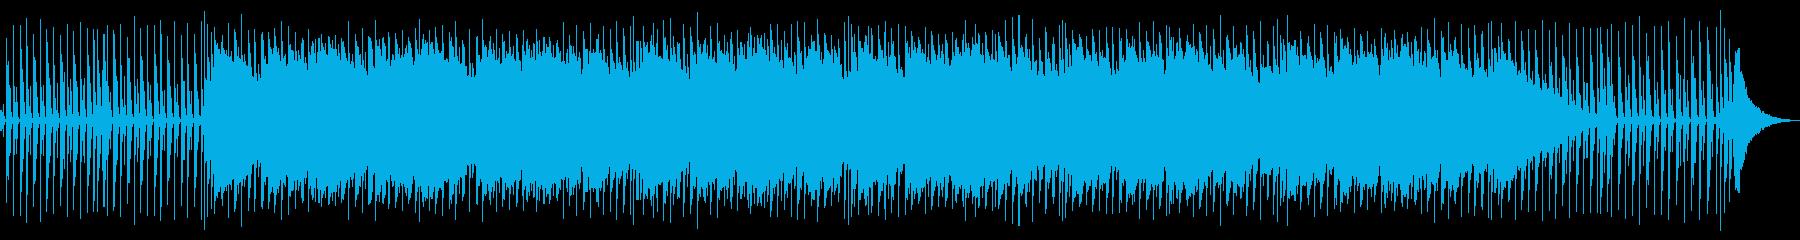 ドラムとほんわかエレピインストBGMの再生済みの波形